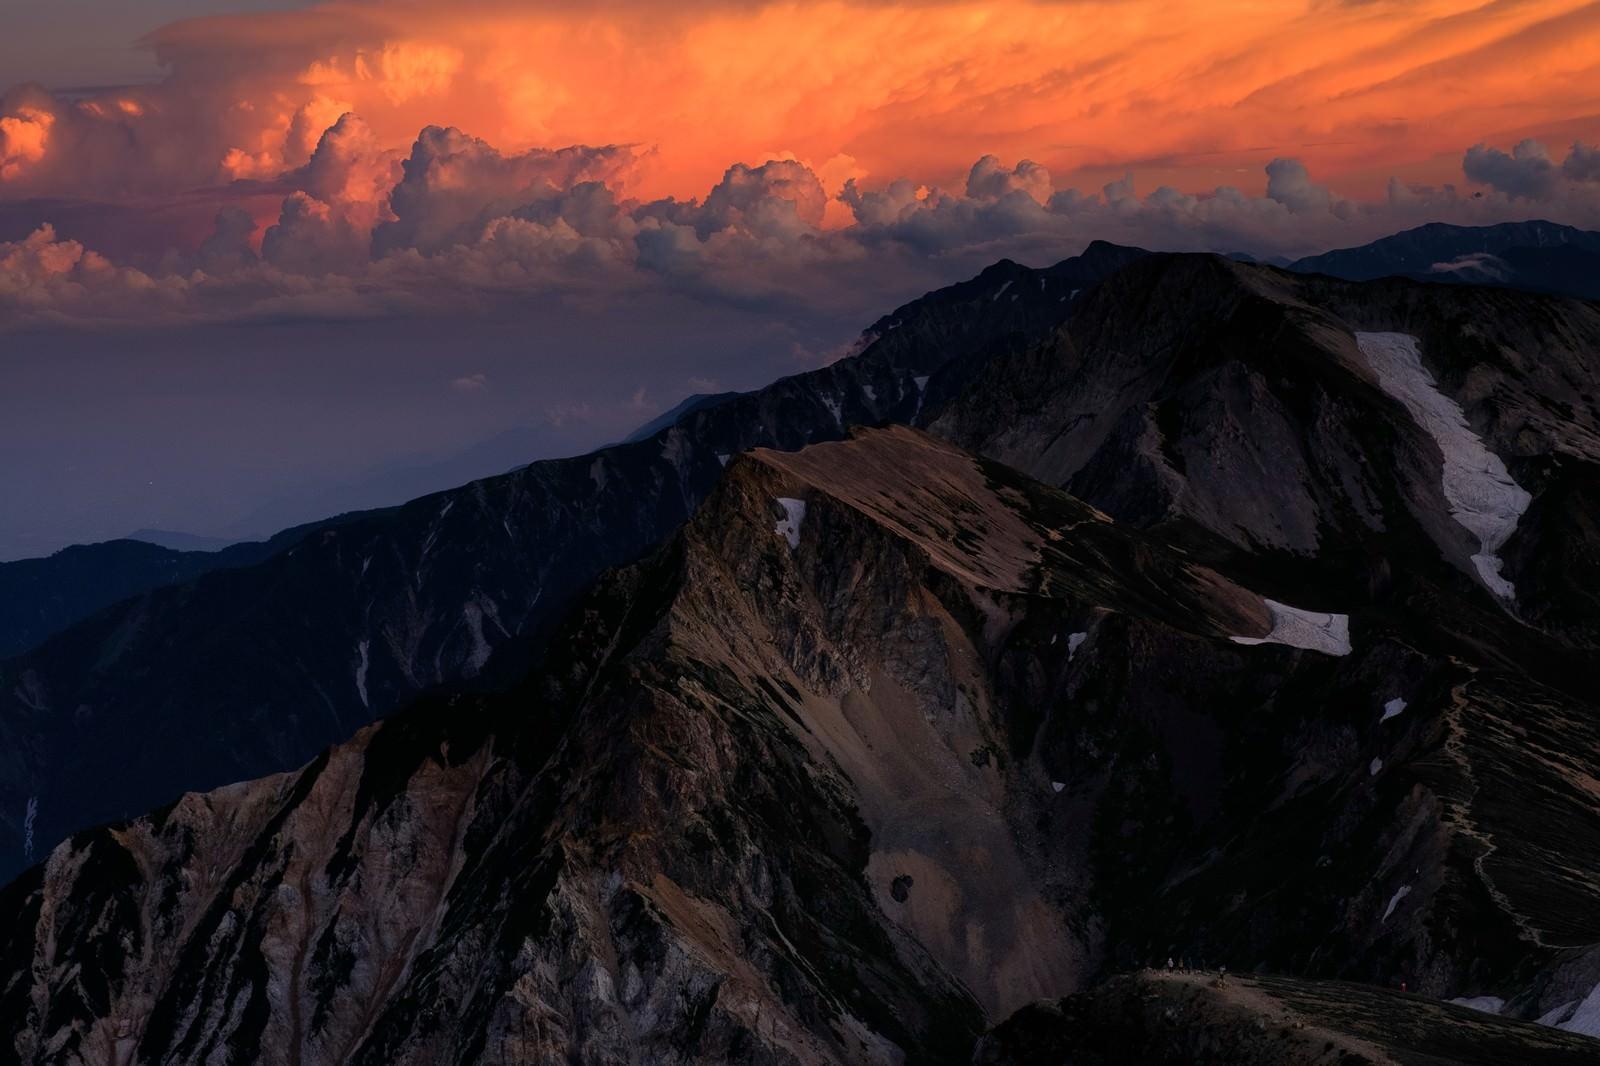 「杓子岳と白馬鑓ヶ岳の夕焼け」の写真